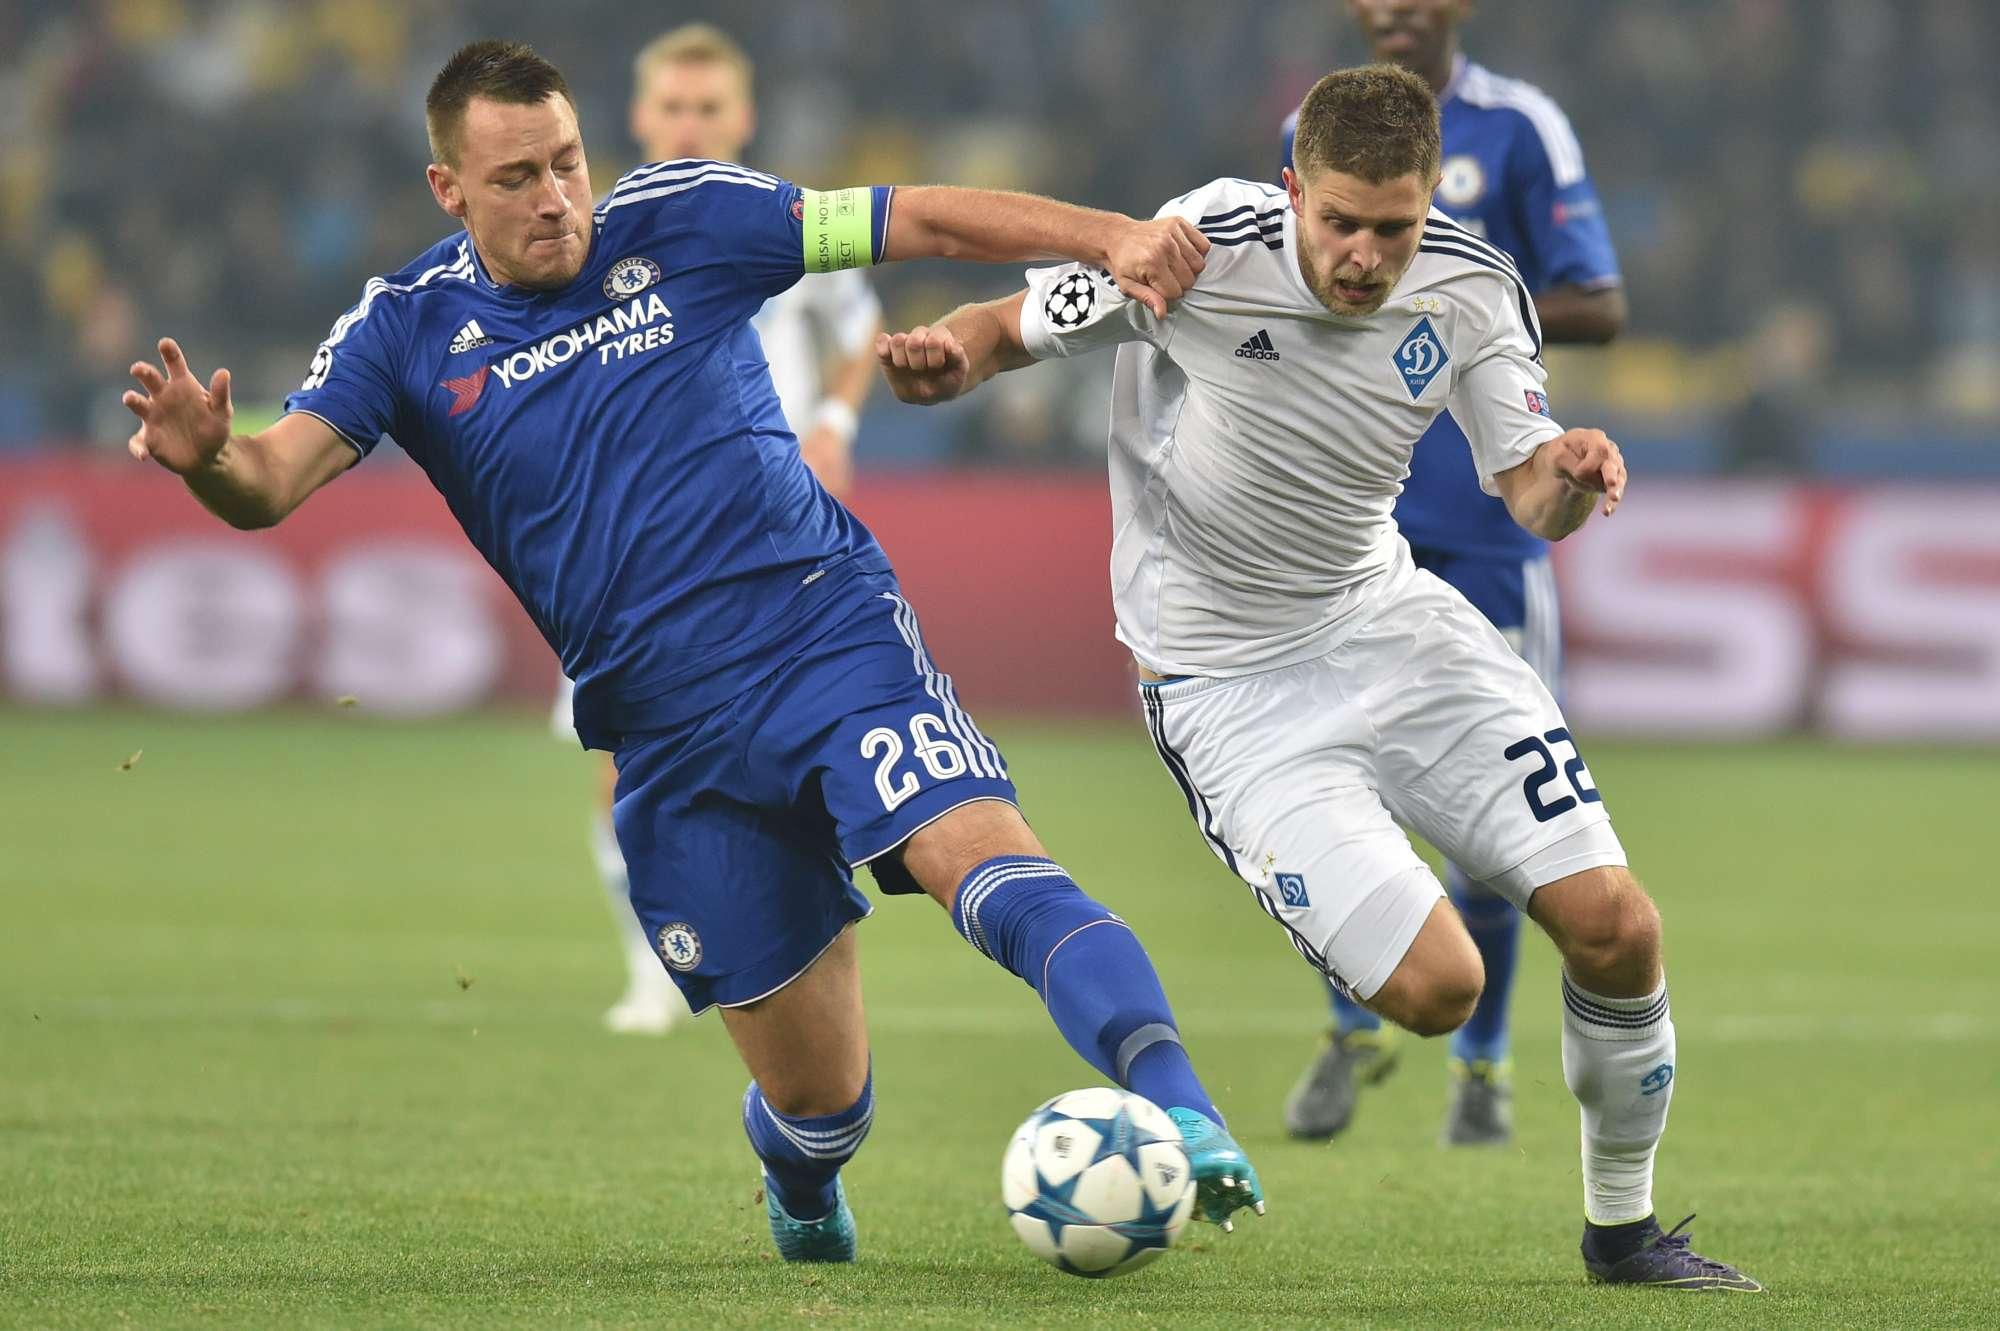 Il Chelsea di Terry questa sera avrà un match fondamentale contro la Dinamo Kiev